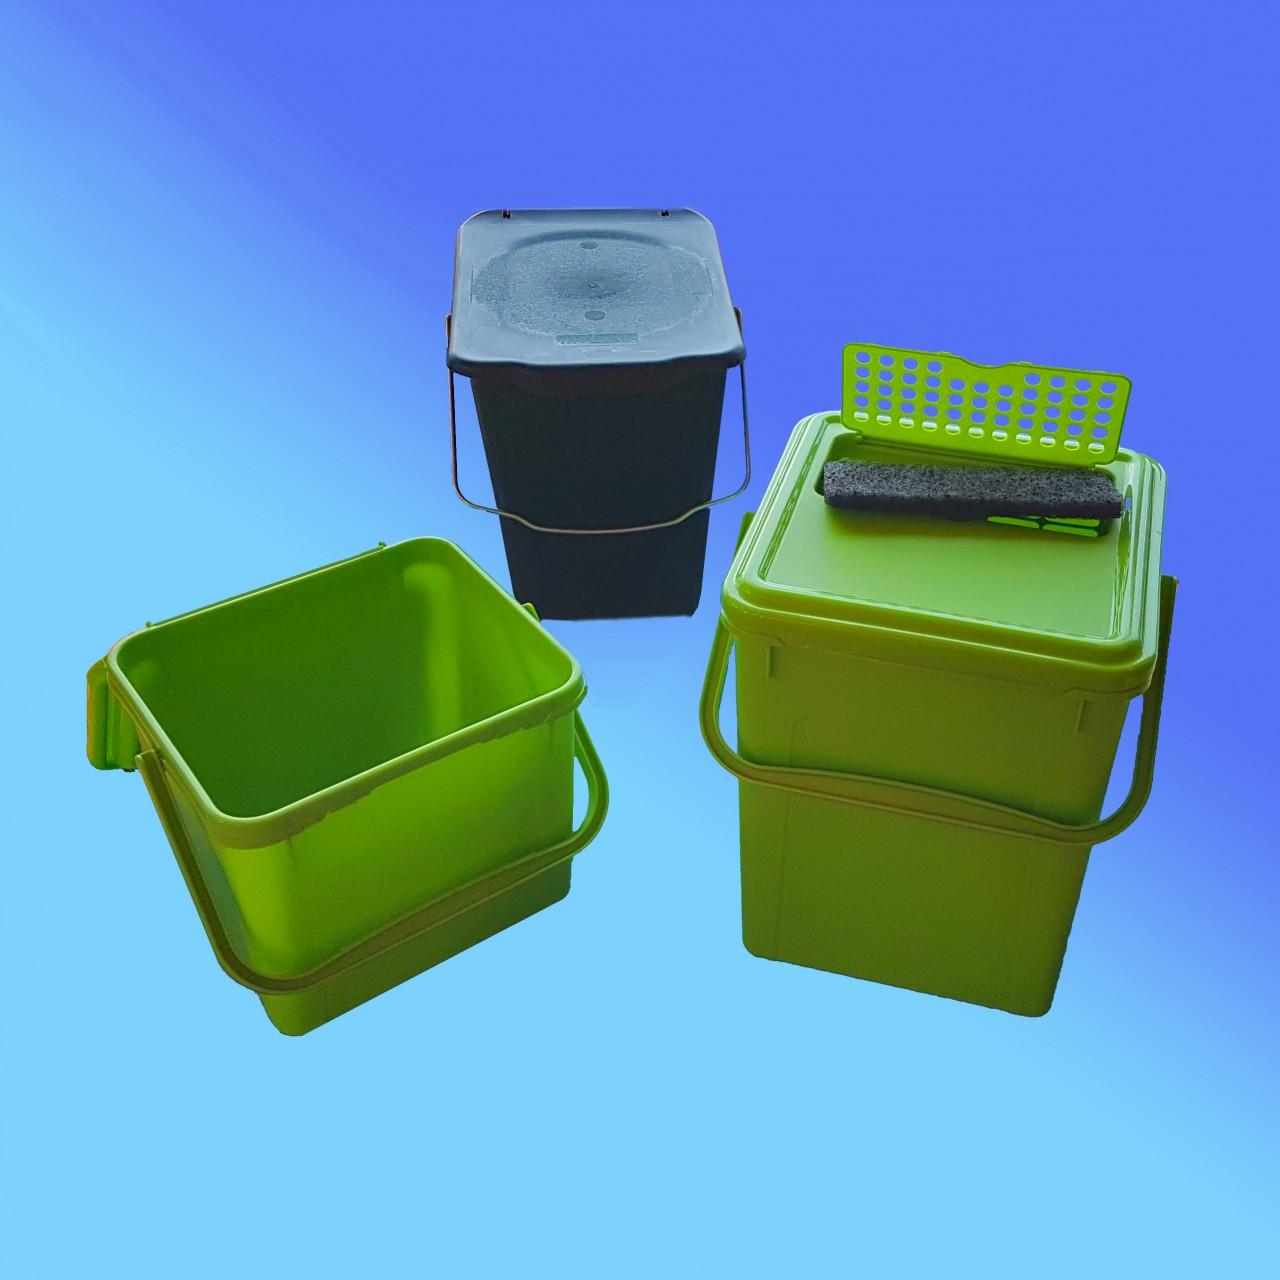 Kompost-Eimer